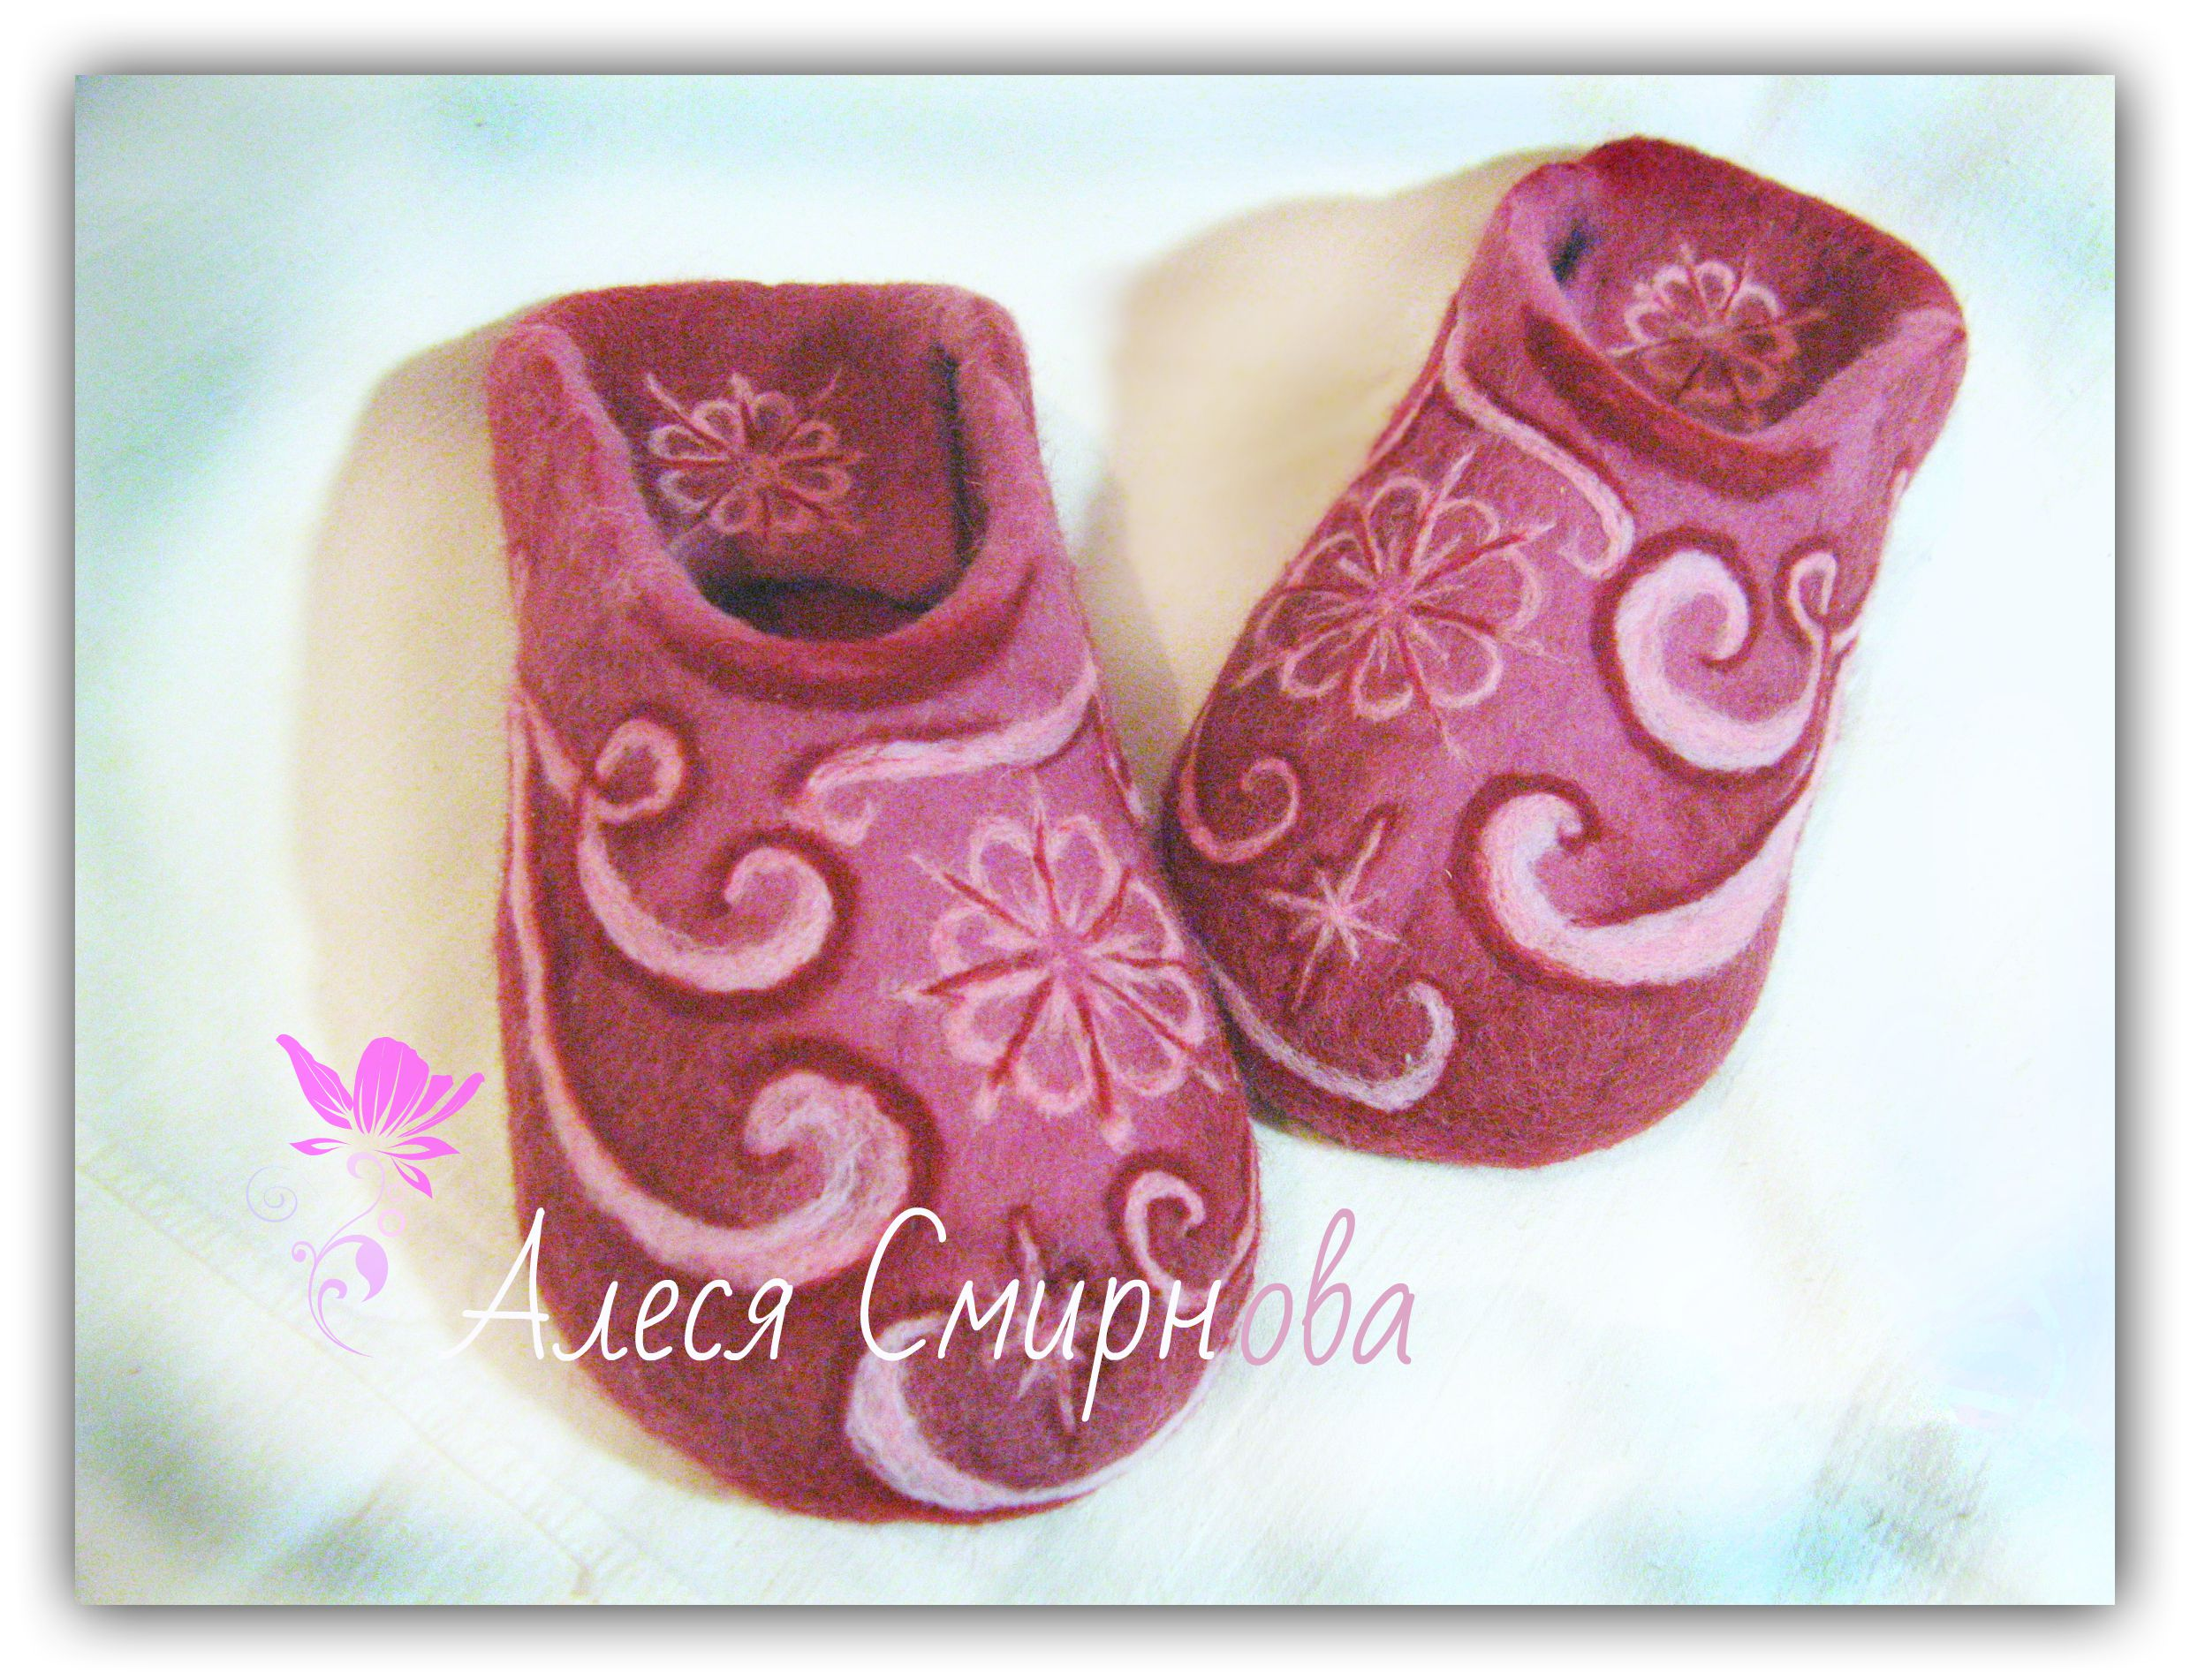 шерстная эксклюзившерстяные обувьваляные валяние шерстяные обувь валяная изделия тапочки